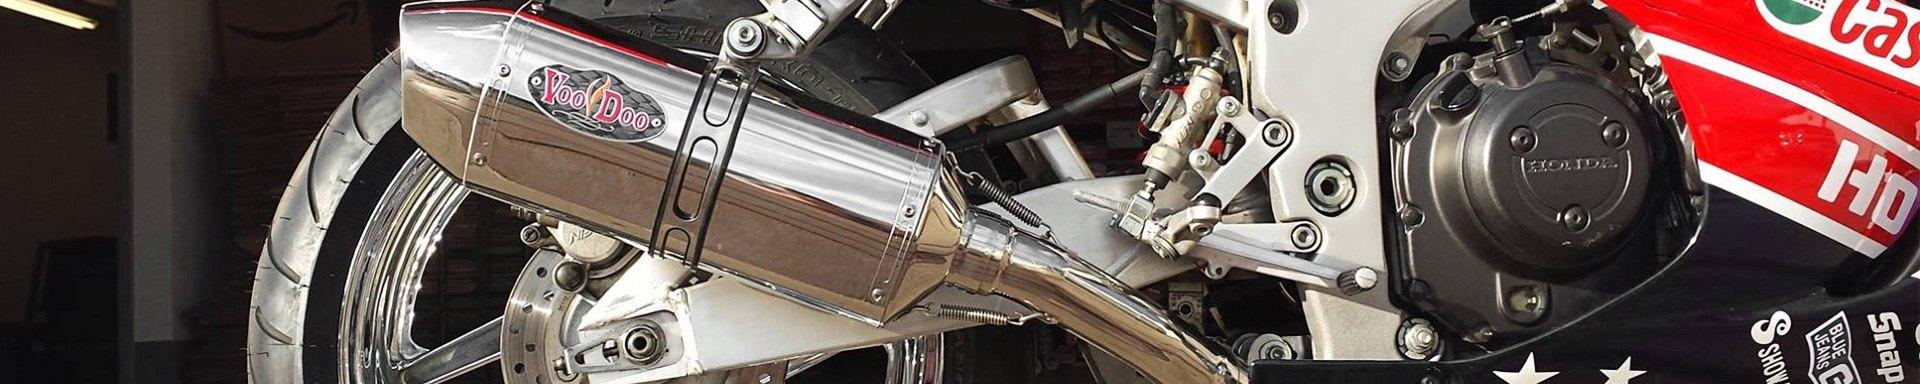 VooDoo™ | Custom Motorcycle Exhausts & Parts - MOTORCYCLEiD com